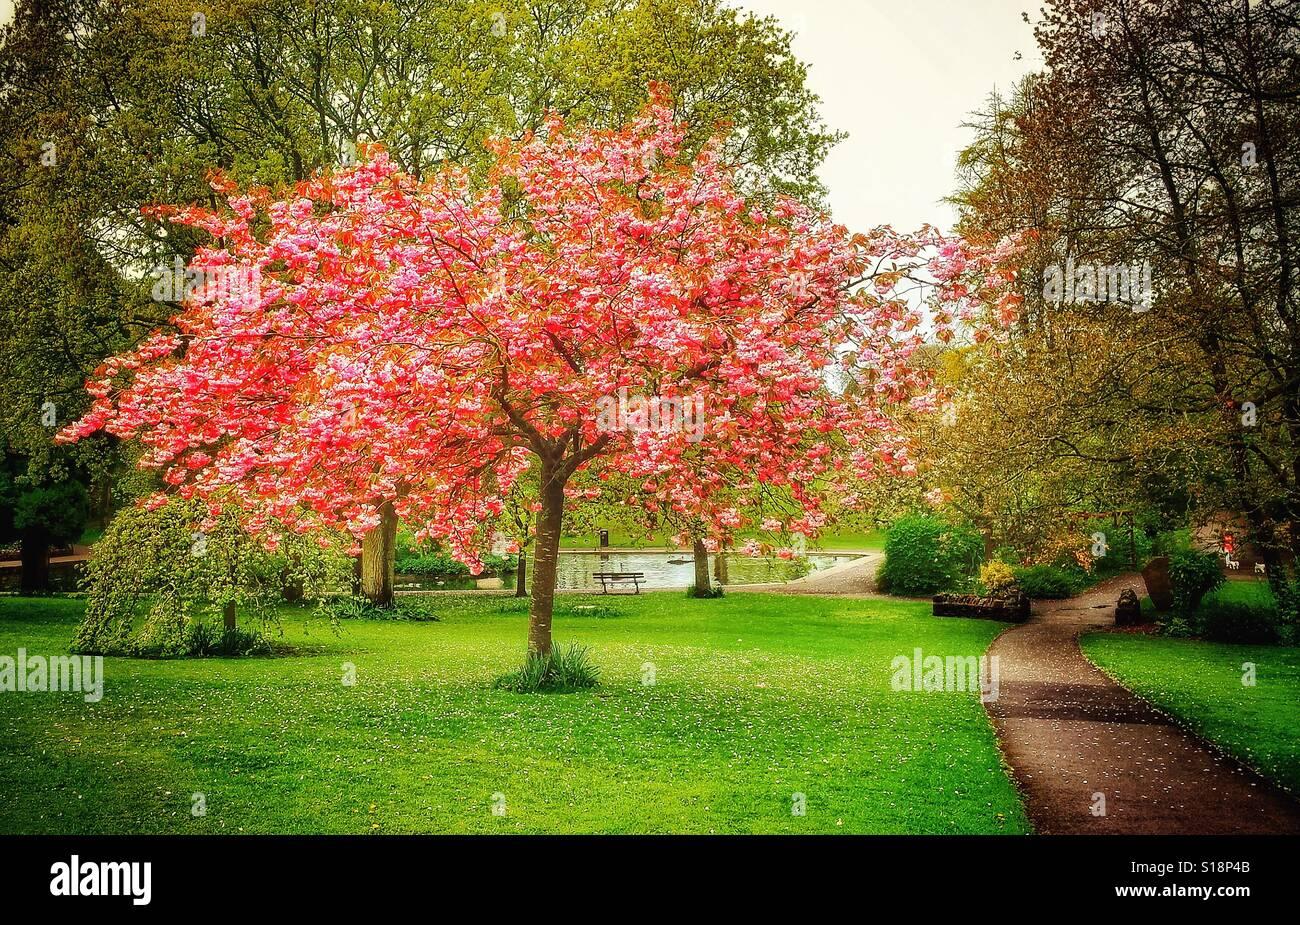 Belle fleur de cerisier arbre dans un parc urbain, UK dans la saison du printemps Photo Stock